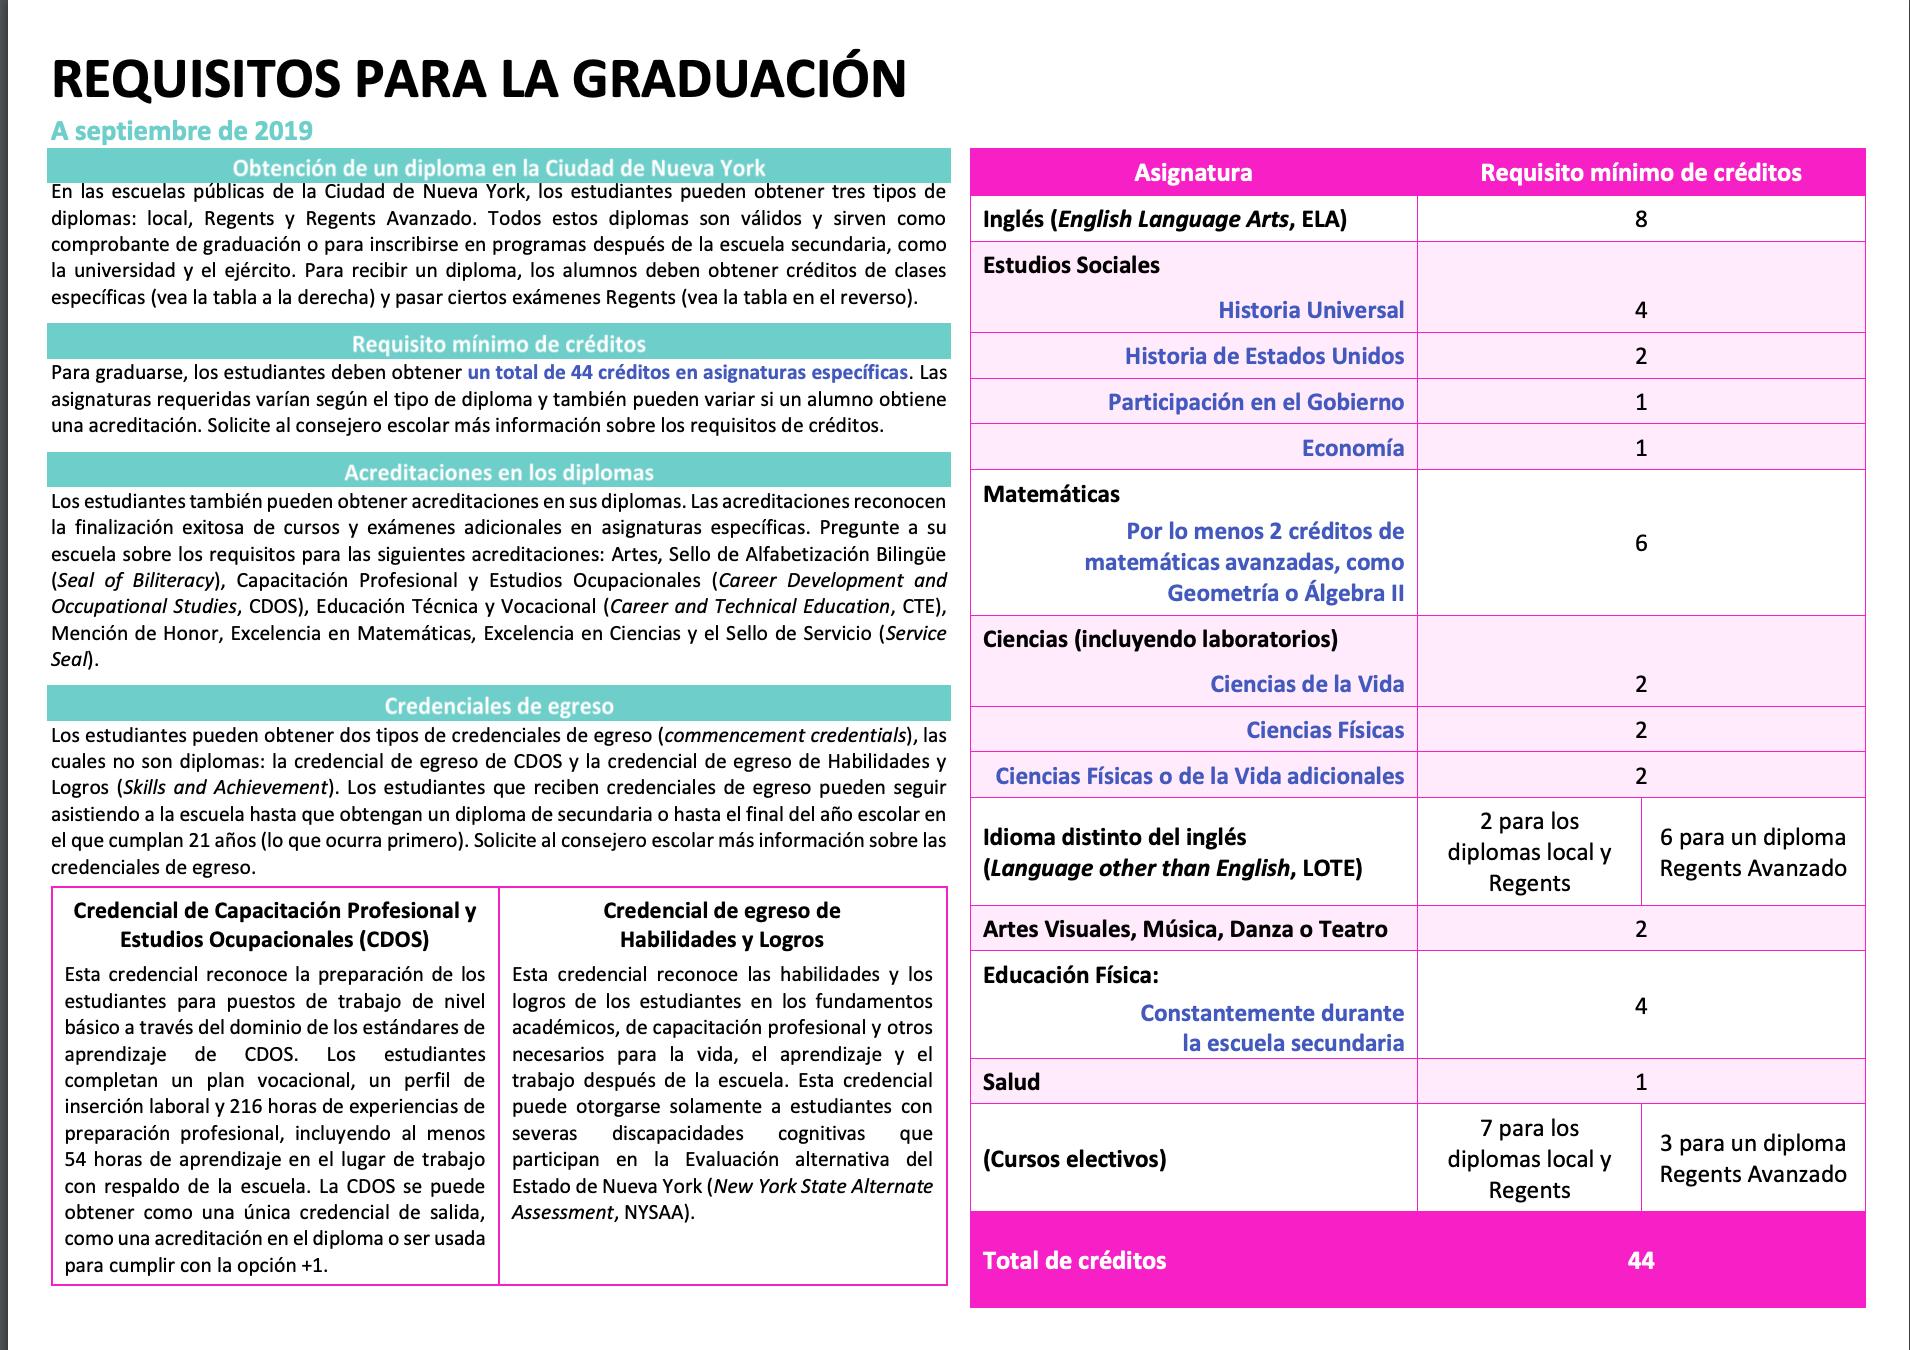 Requisitos de crédito para la graduación